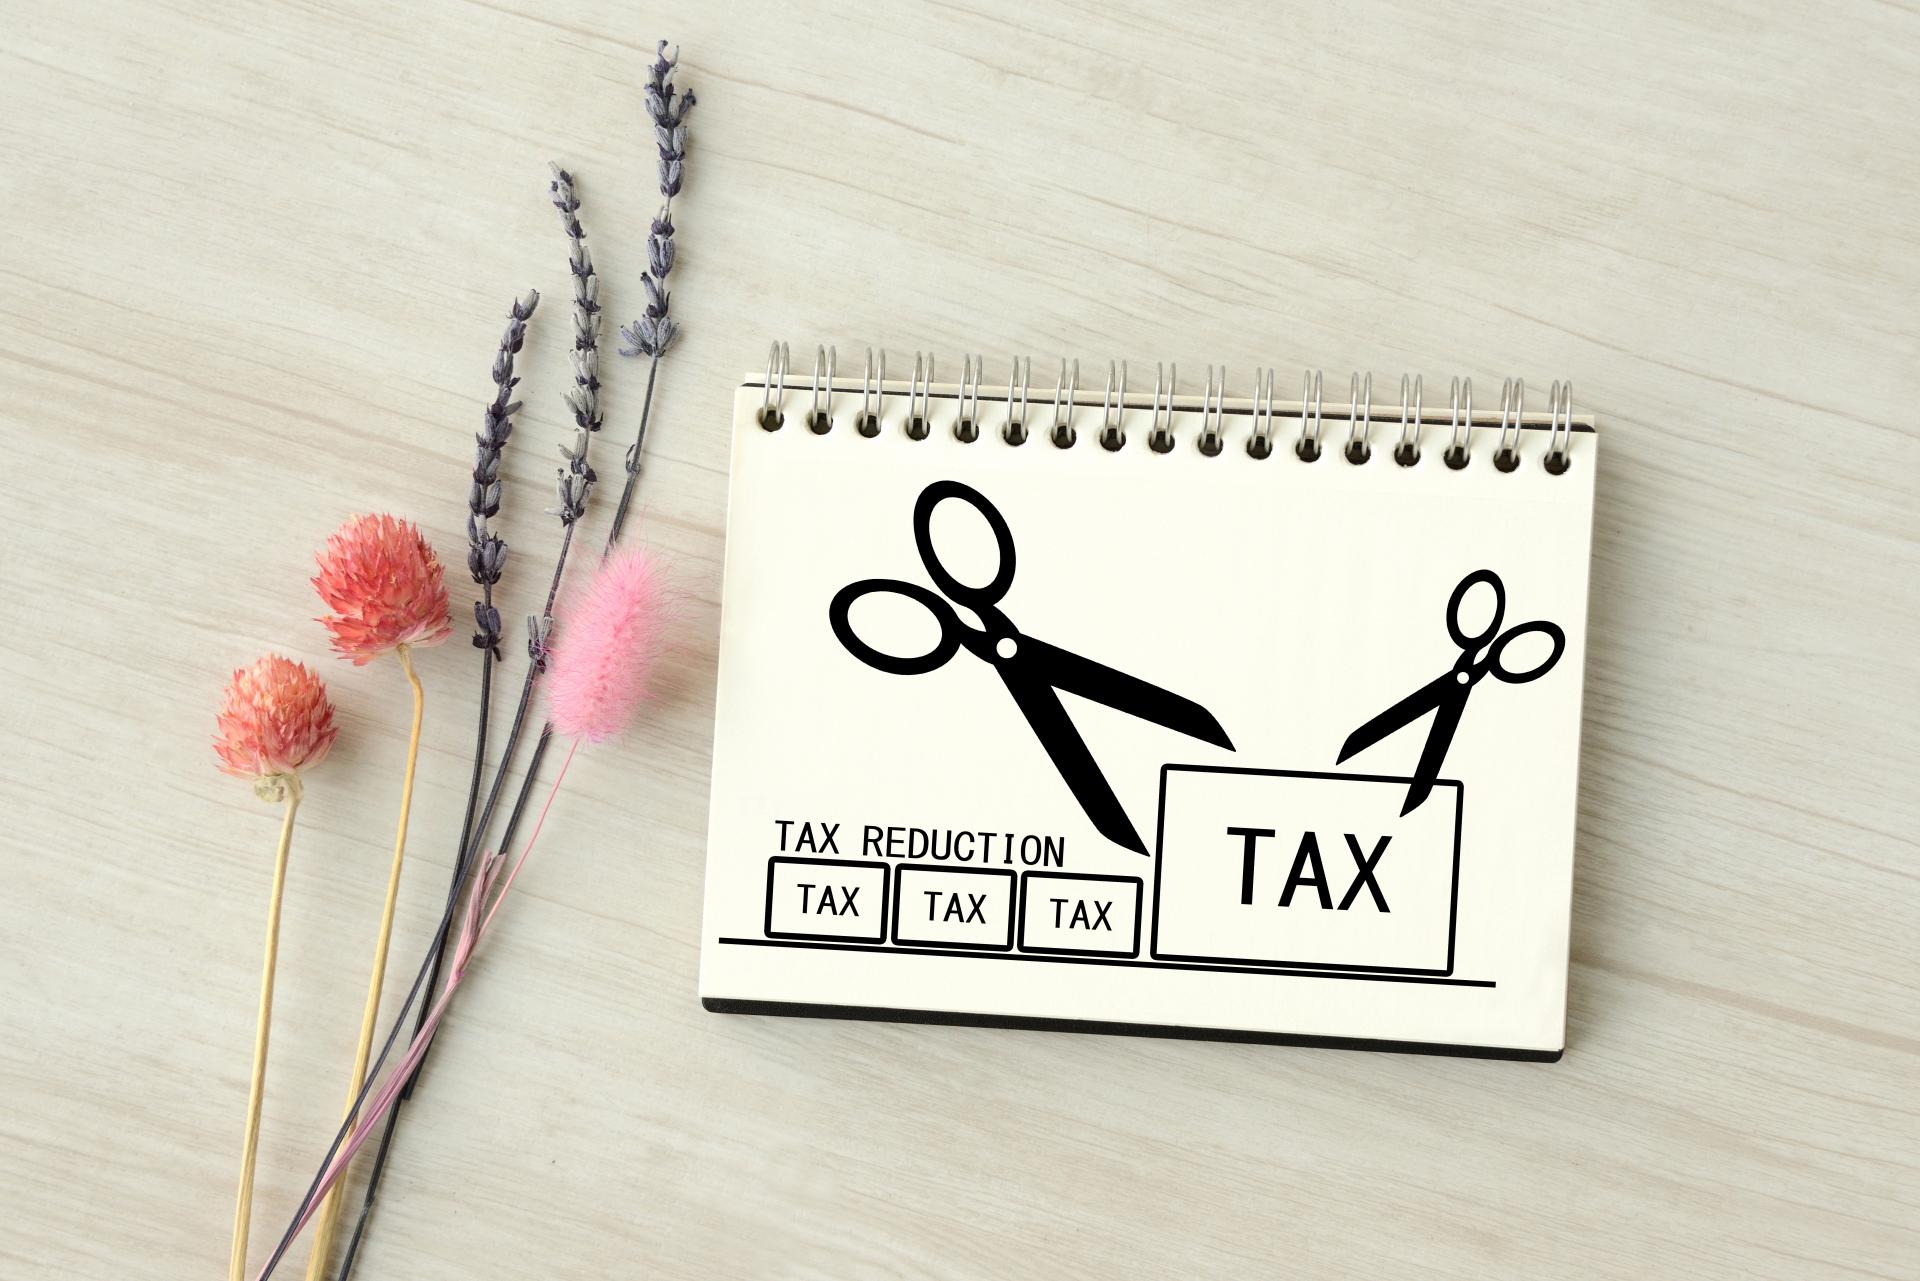 不動産投資は本当に節税になる?税金の仕組みを徹底解説